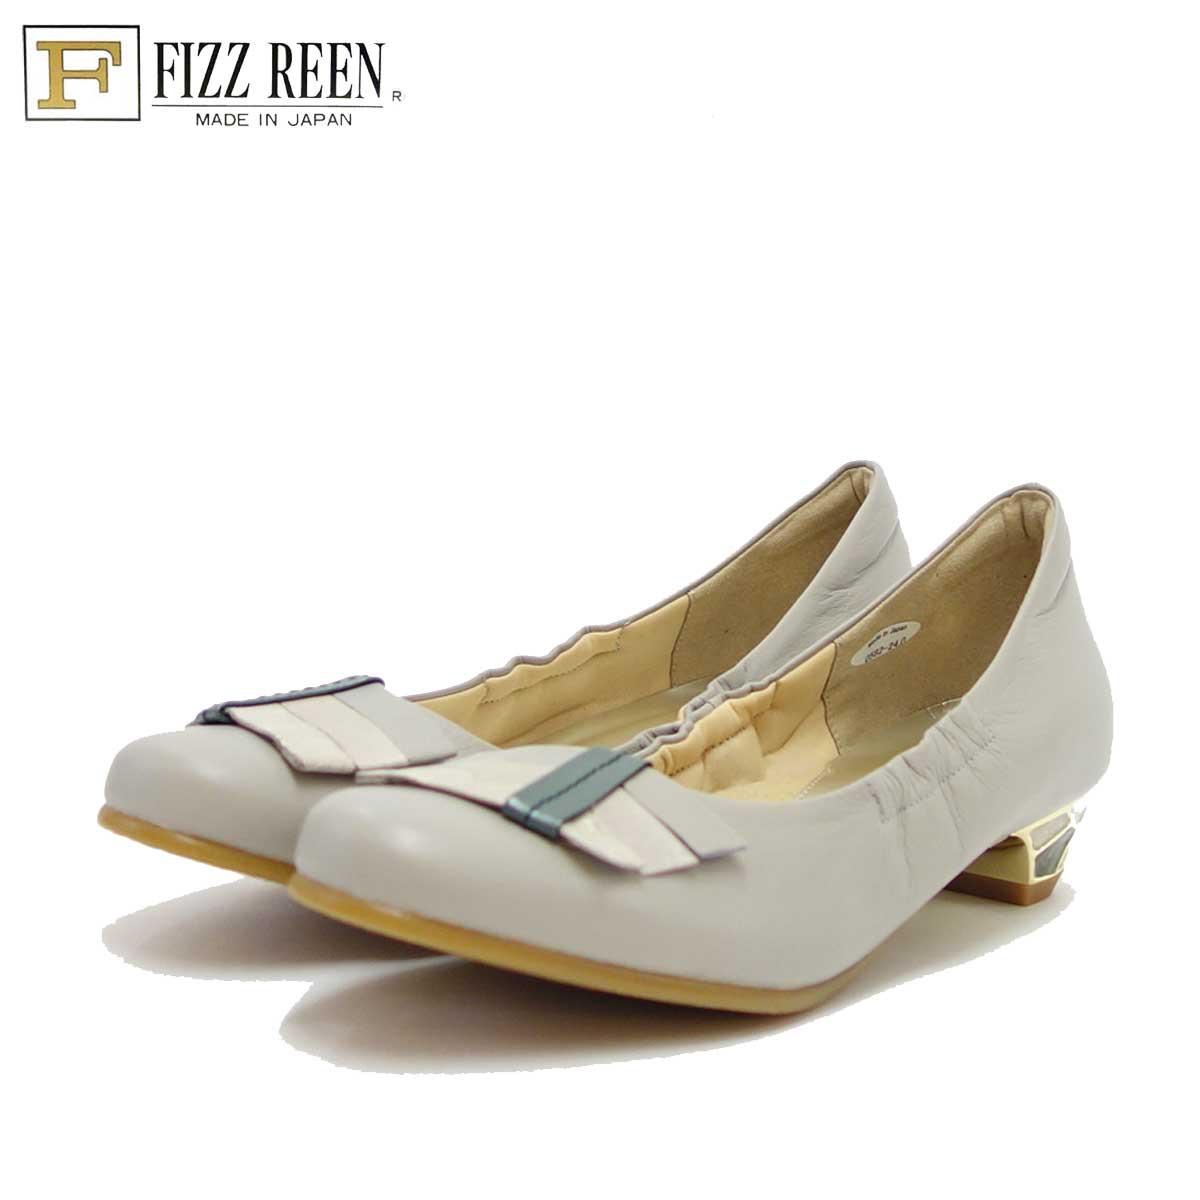 フィズリーン FIZZ REEN 0582 ライトグレー(レディース) 快適EEEのローヒールパンプス(日本製)「靴」 母の日 おすすめ ギフト